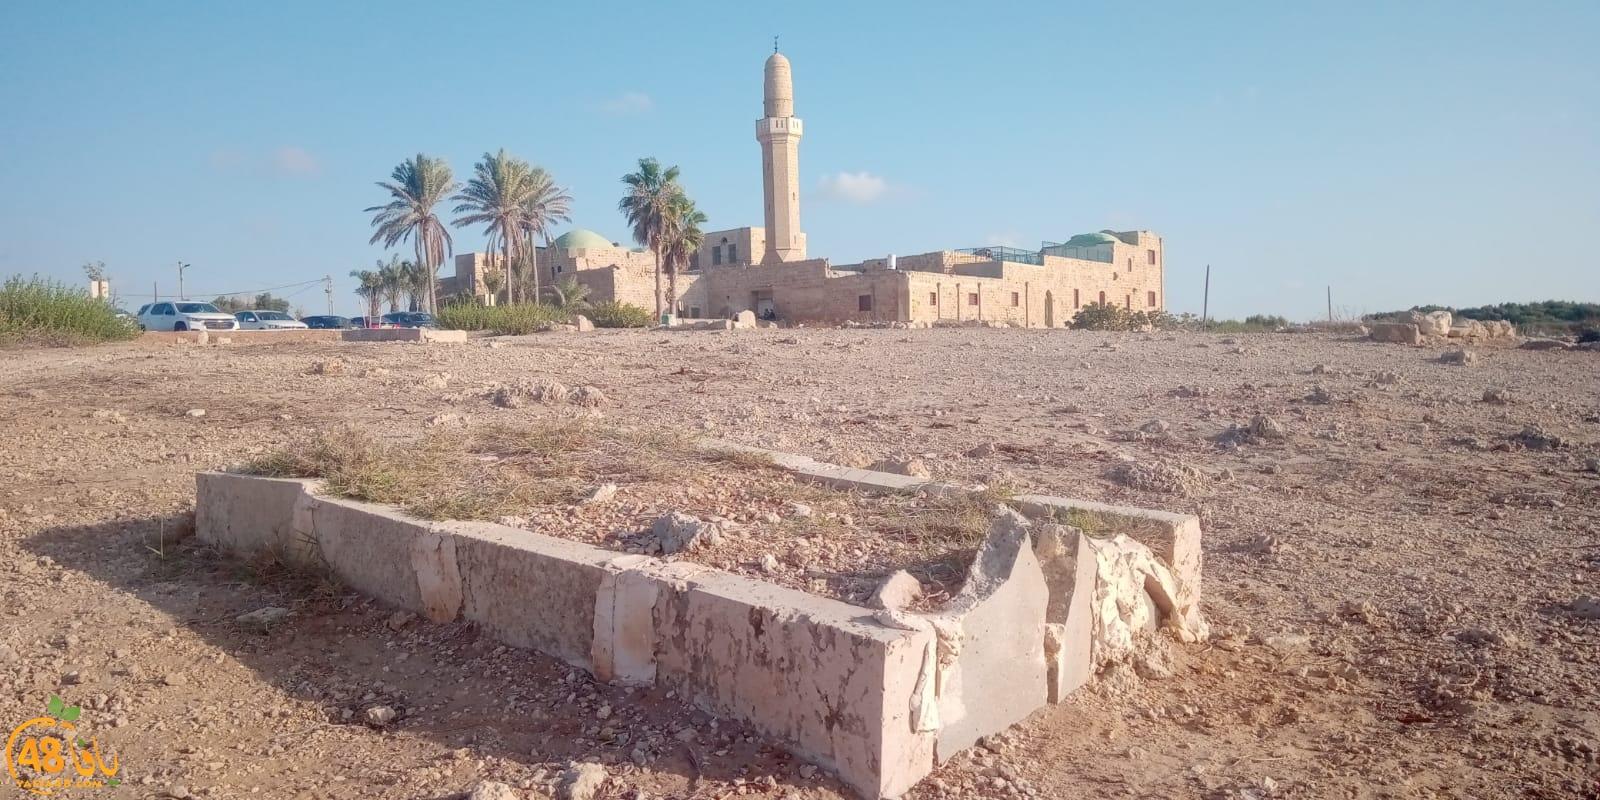 فيديو: الناشط عبد شقرة يجب اغلاق مقبرة سيدنا علي في قرية الحرم المهجّرة قضاء يافا